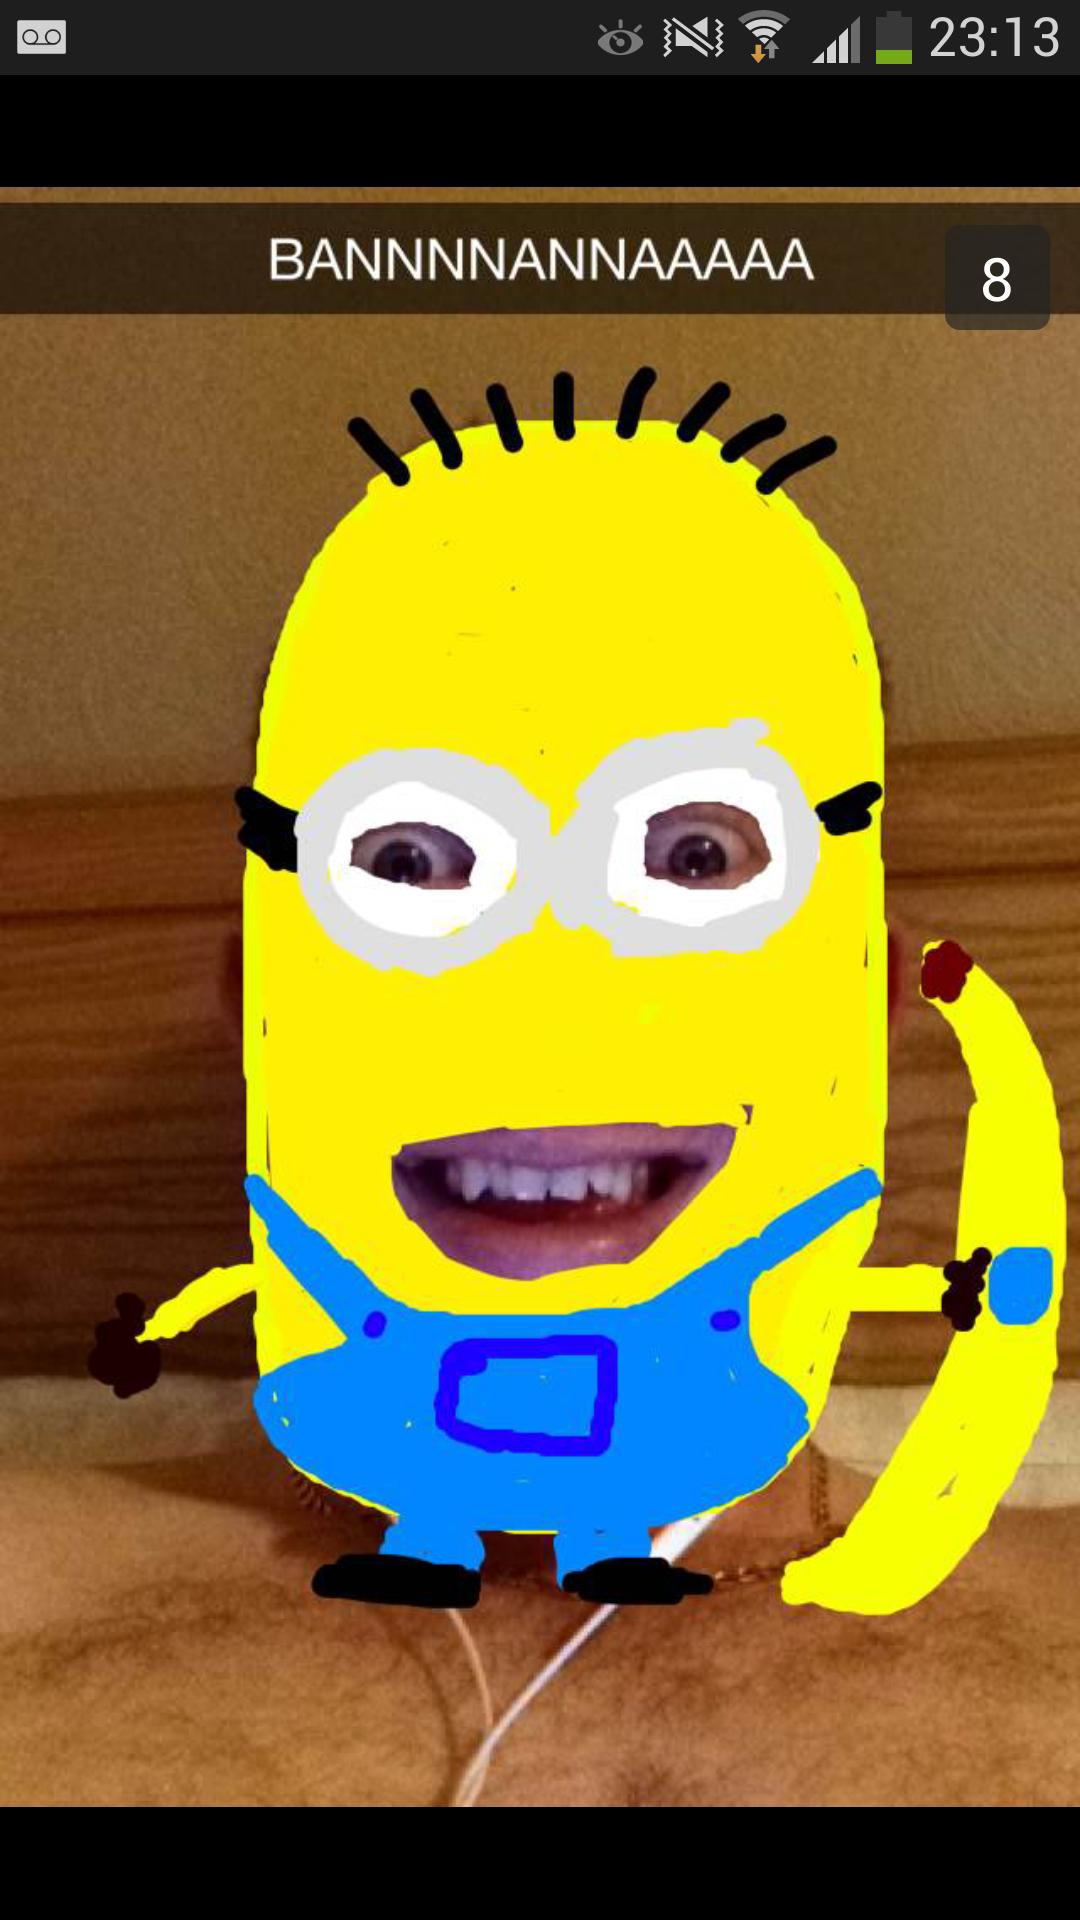 Minion snap chat. Thumb for more amazing snapchats.. Creepy as Hell.... minion Banana snapchat